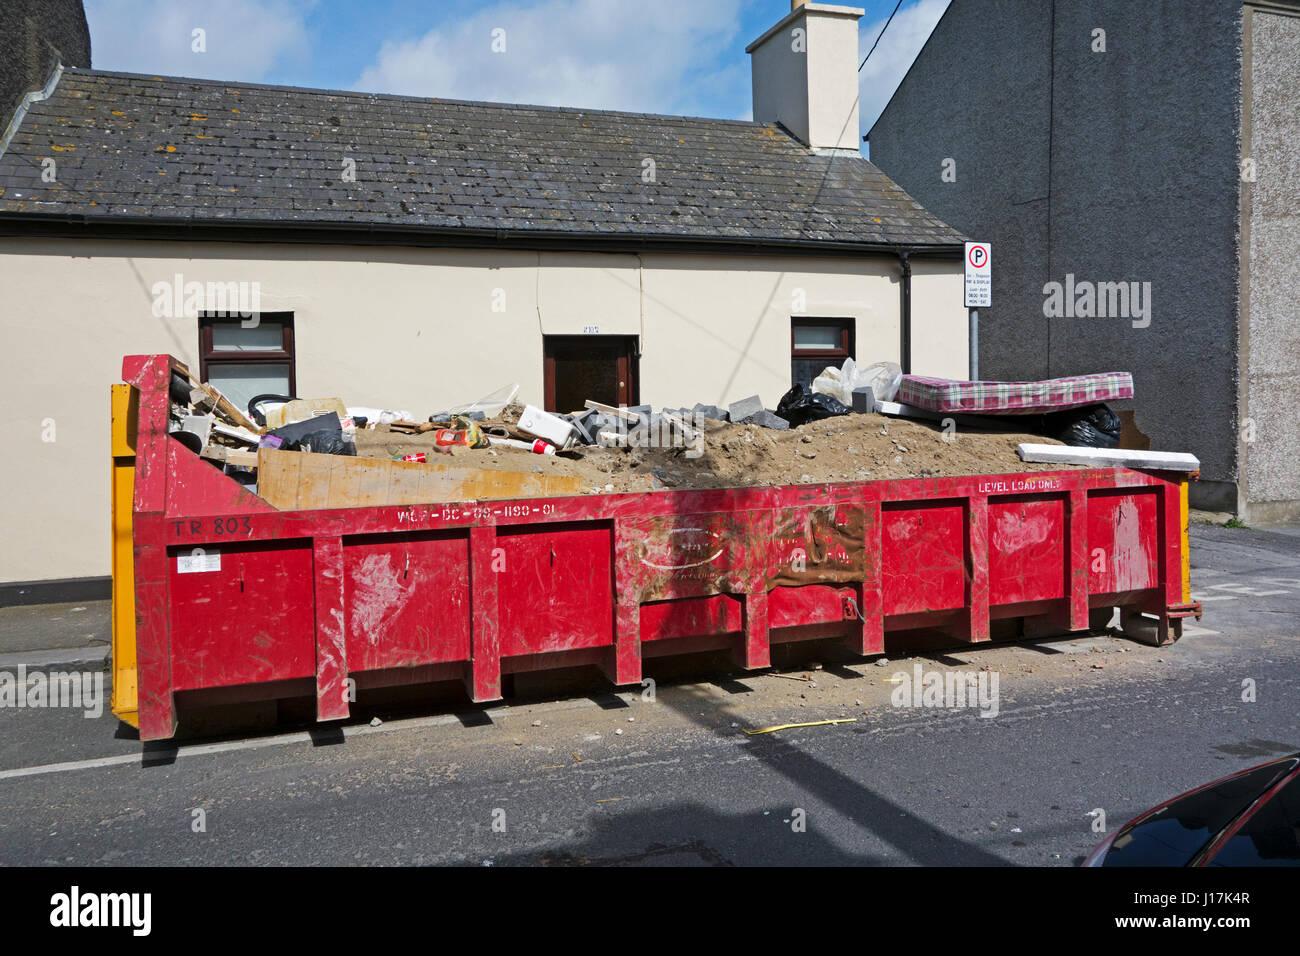 Una completamente cargada de grandes constructores saltar en una calle irlandesa con tierra y escombros Imagen De Stock